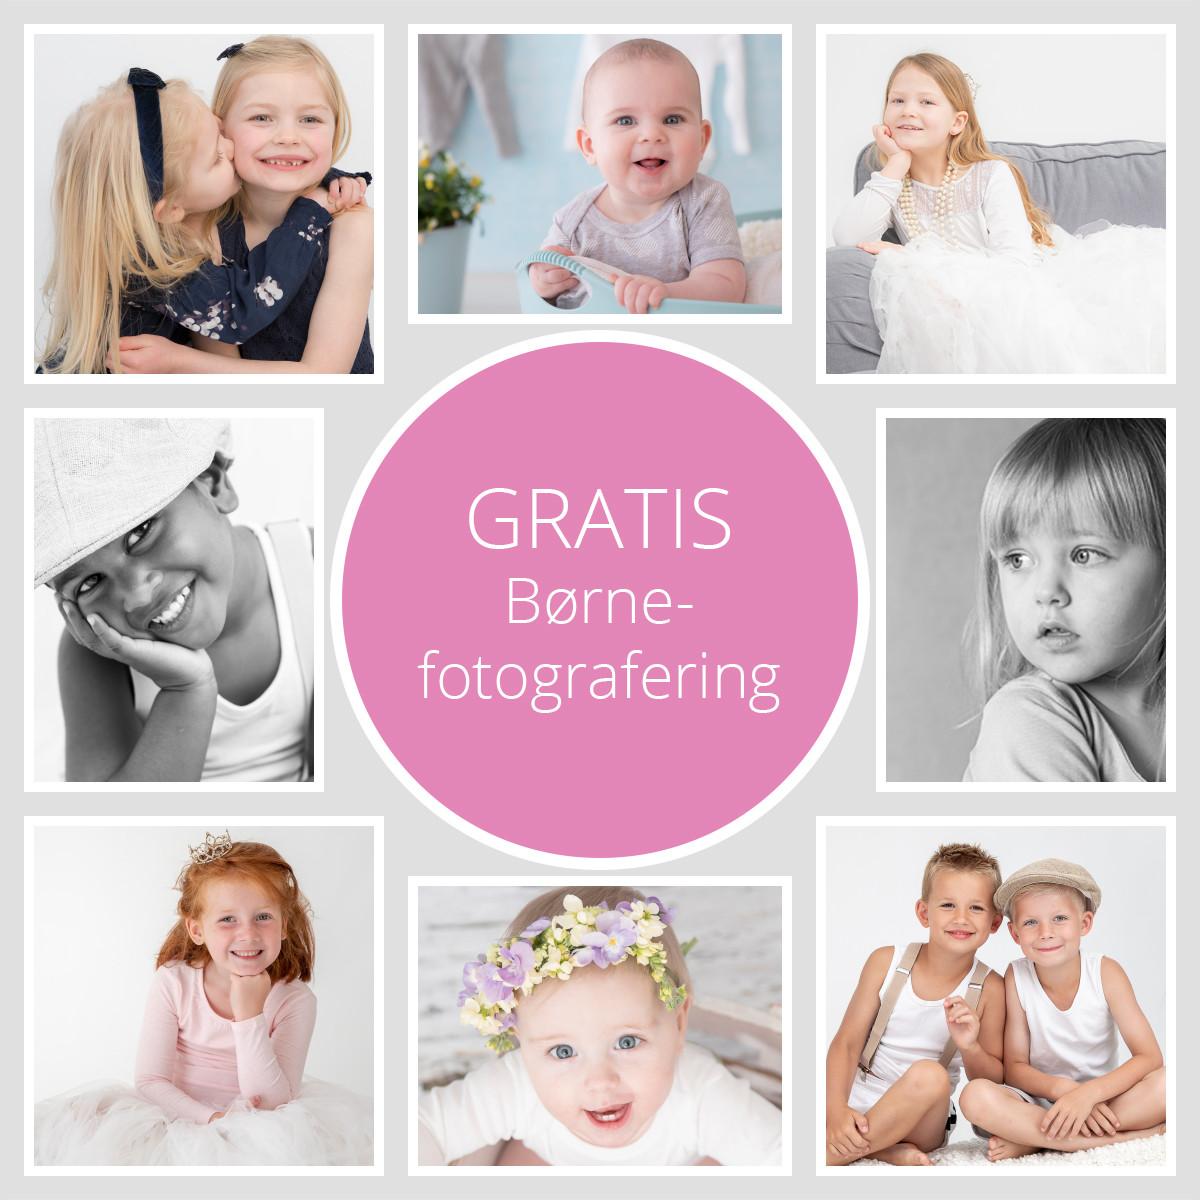 Pinkstudio by Angelina Devine sommer2020 Sommerferietilbud: Gratis børnefotografering Baby Børn Nyheder Portræt Søskende Tilbud